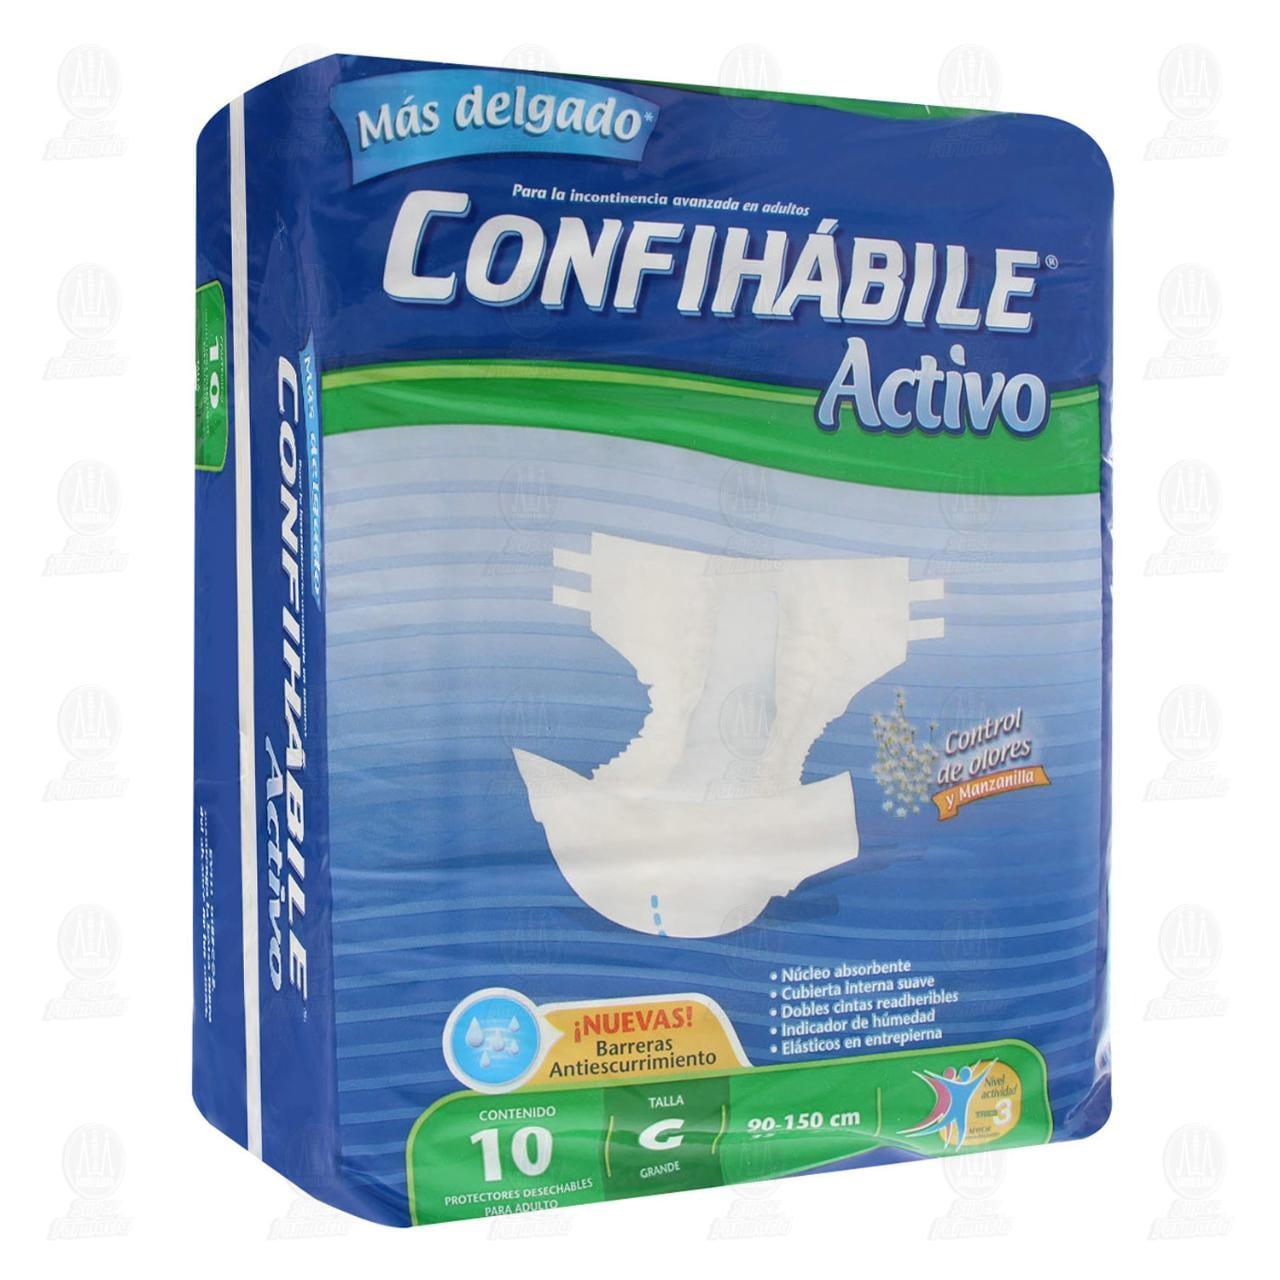 Pañal Confihábile Activo, Talla Grande, 10 pzas.